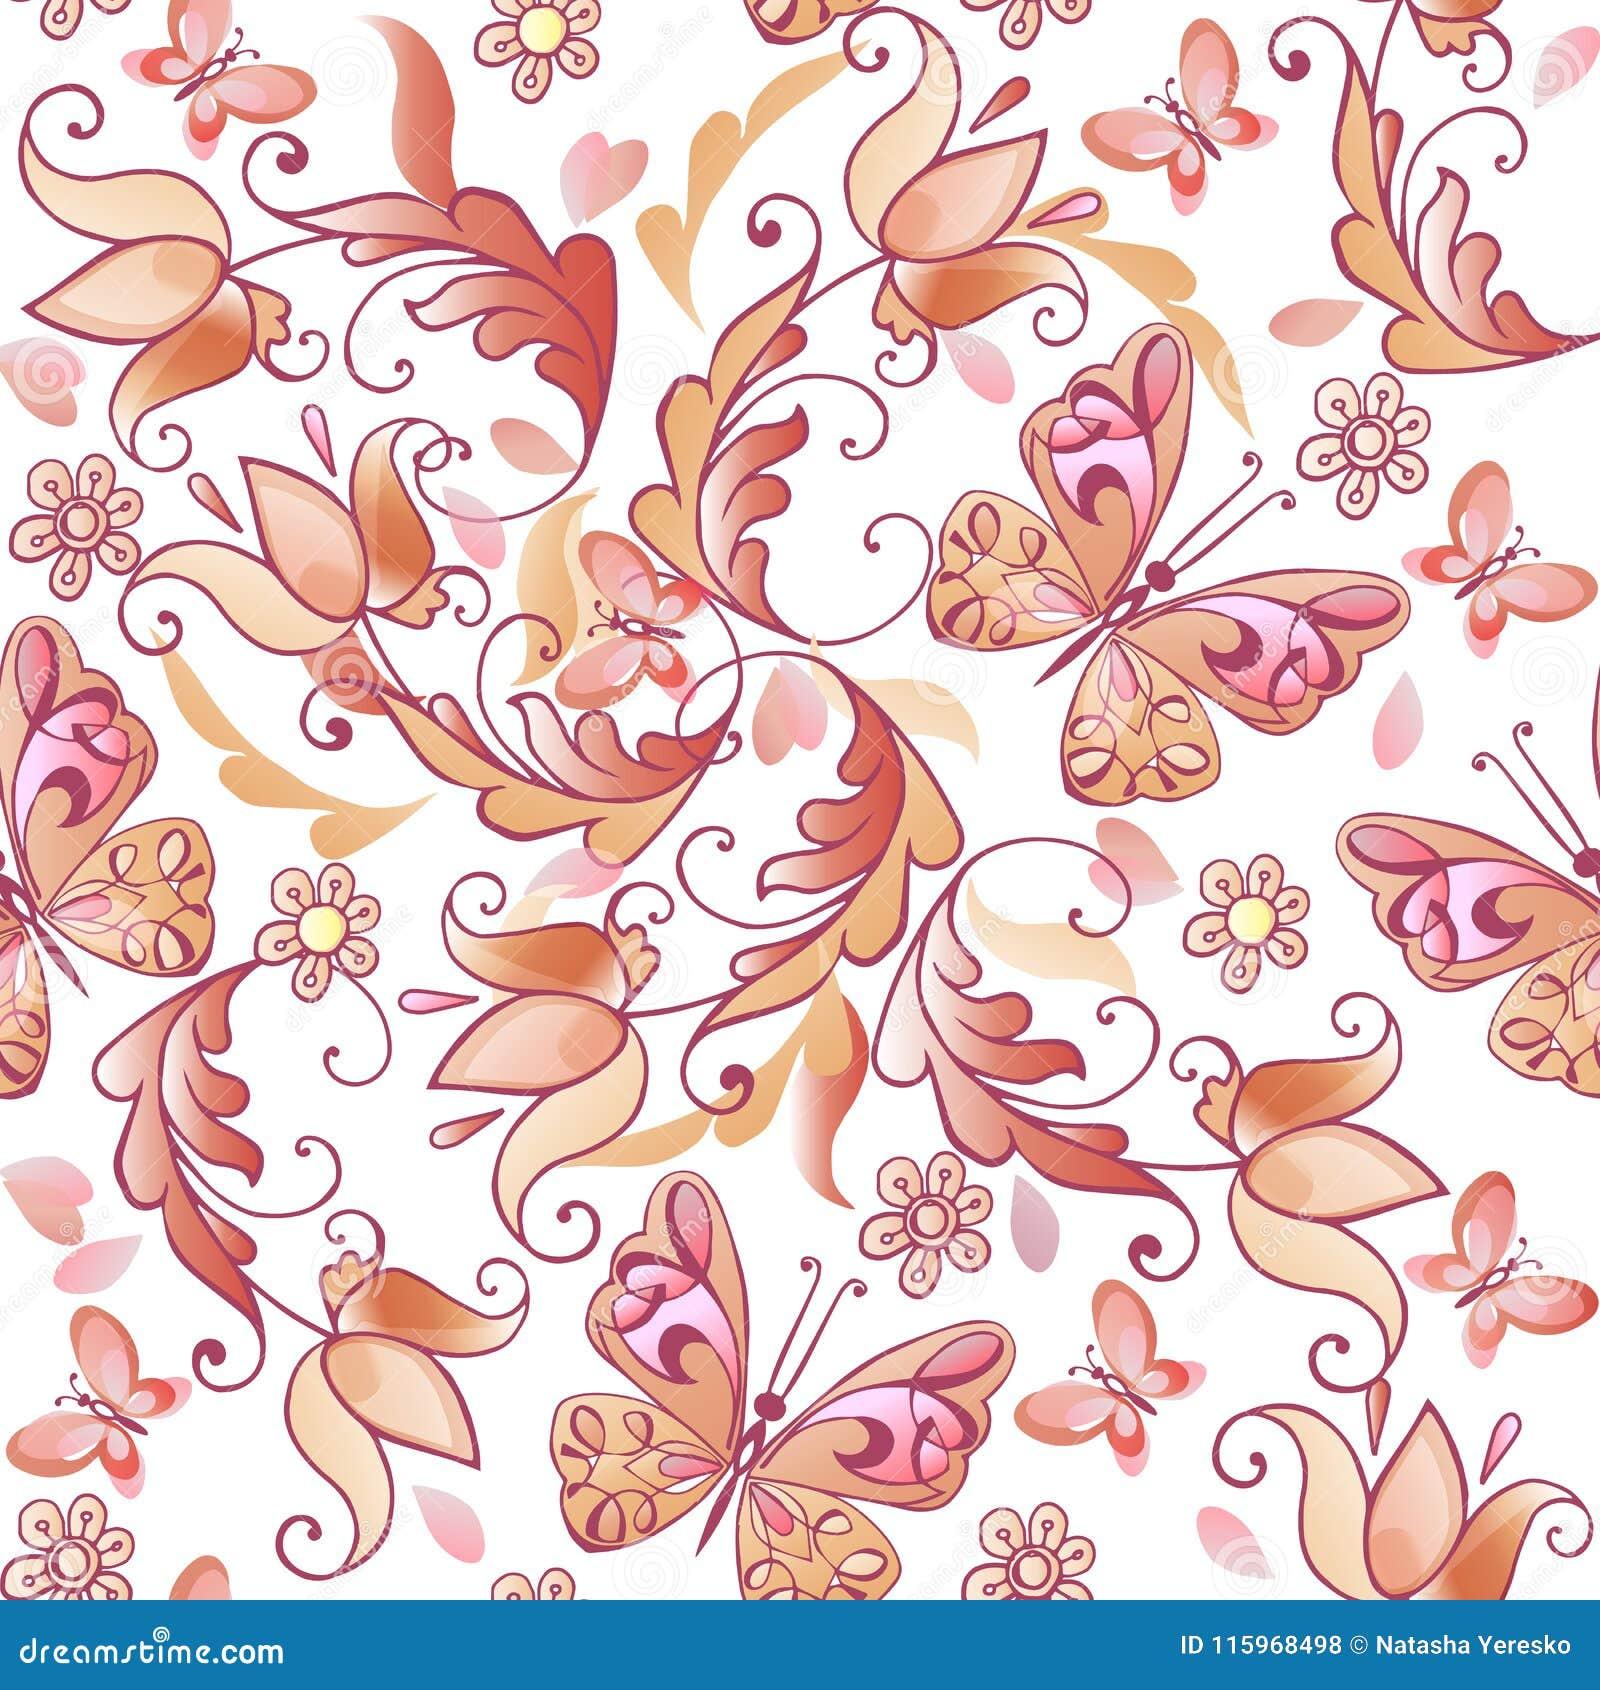 Leuk roze bloemen naadloos patroon met vlinders en harten Vector bloemen naadloos patroon voor groetkaarten, uitnodigingen